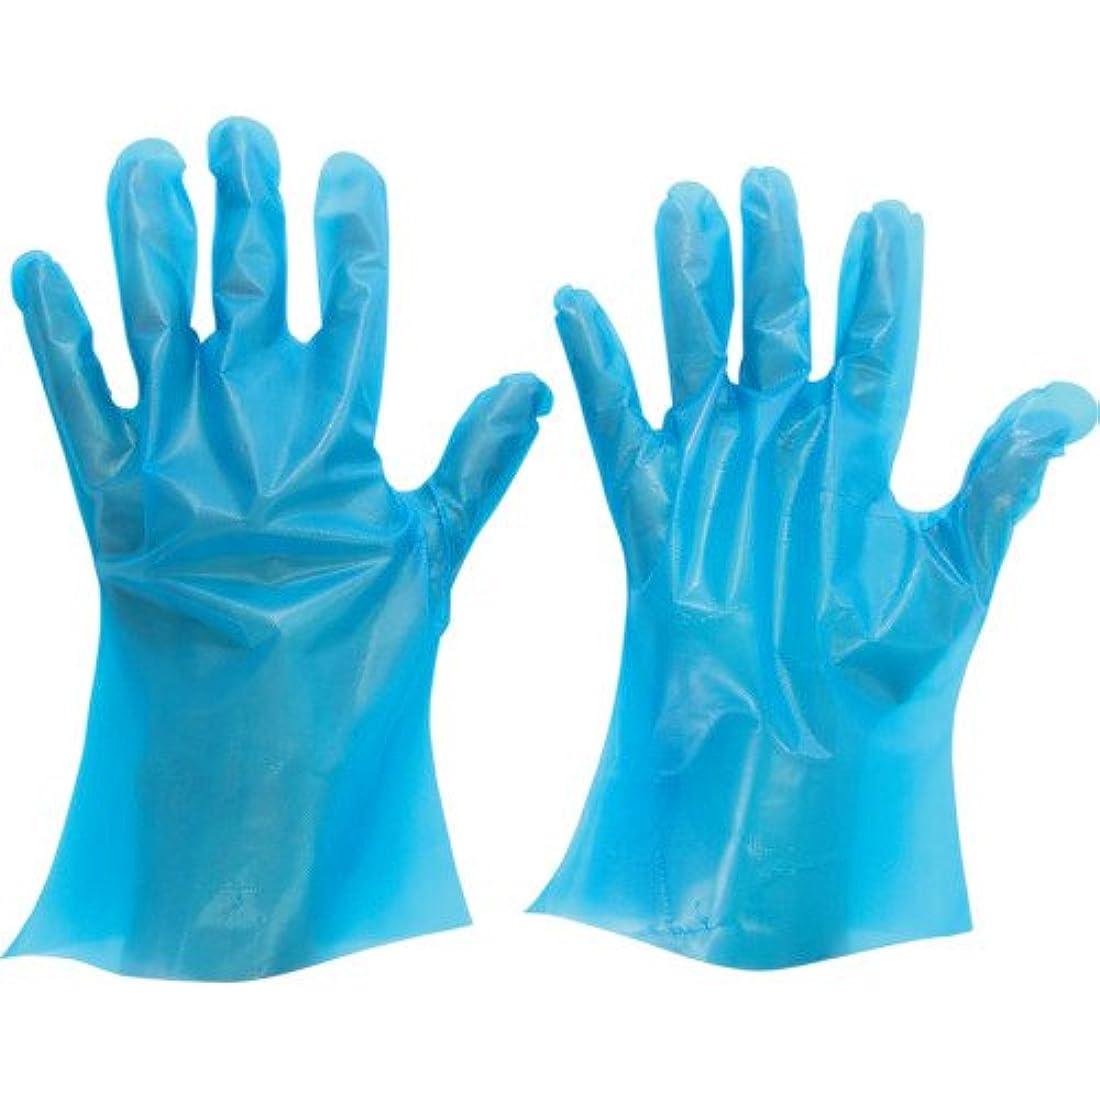 交流する礼儀証明するミドリ安全 ポリエチレン使い捨て手袋 厚手 外エンボス 200枚入 青 SS VERTE566NSS